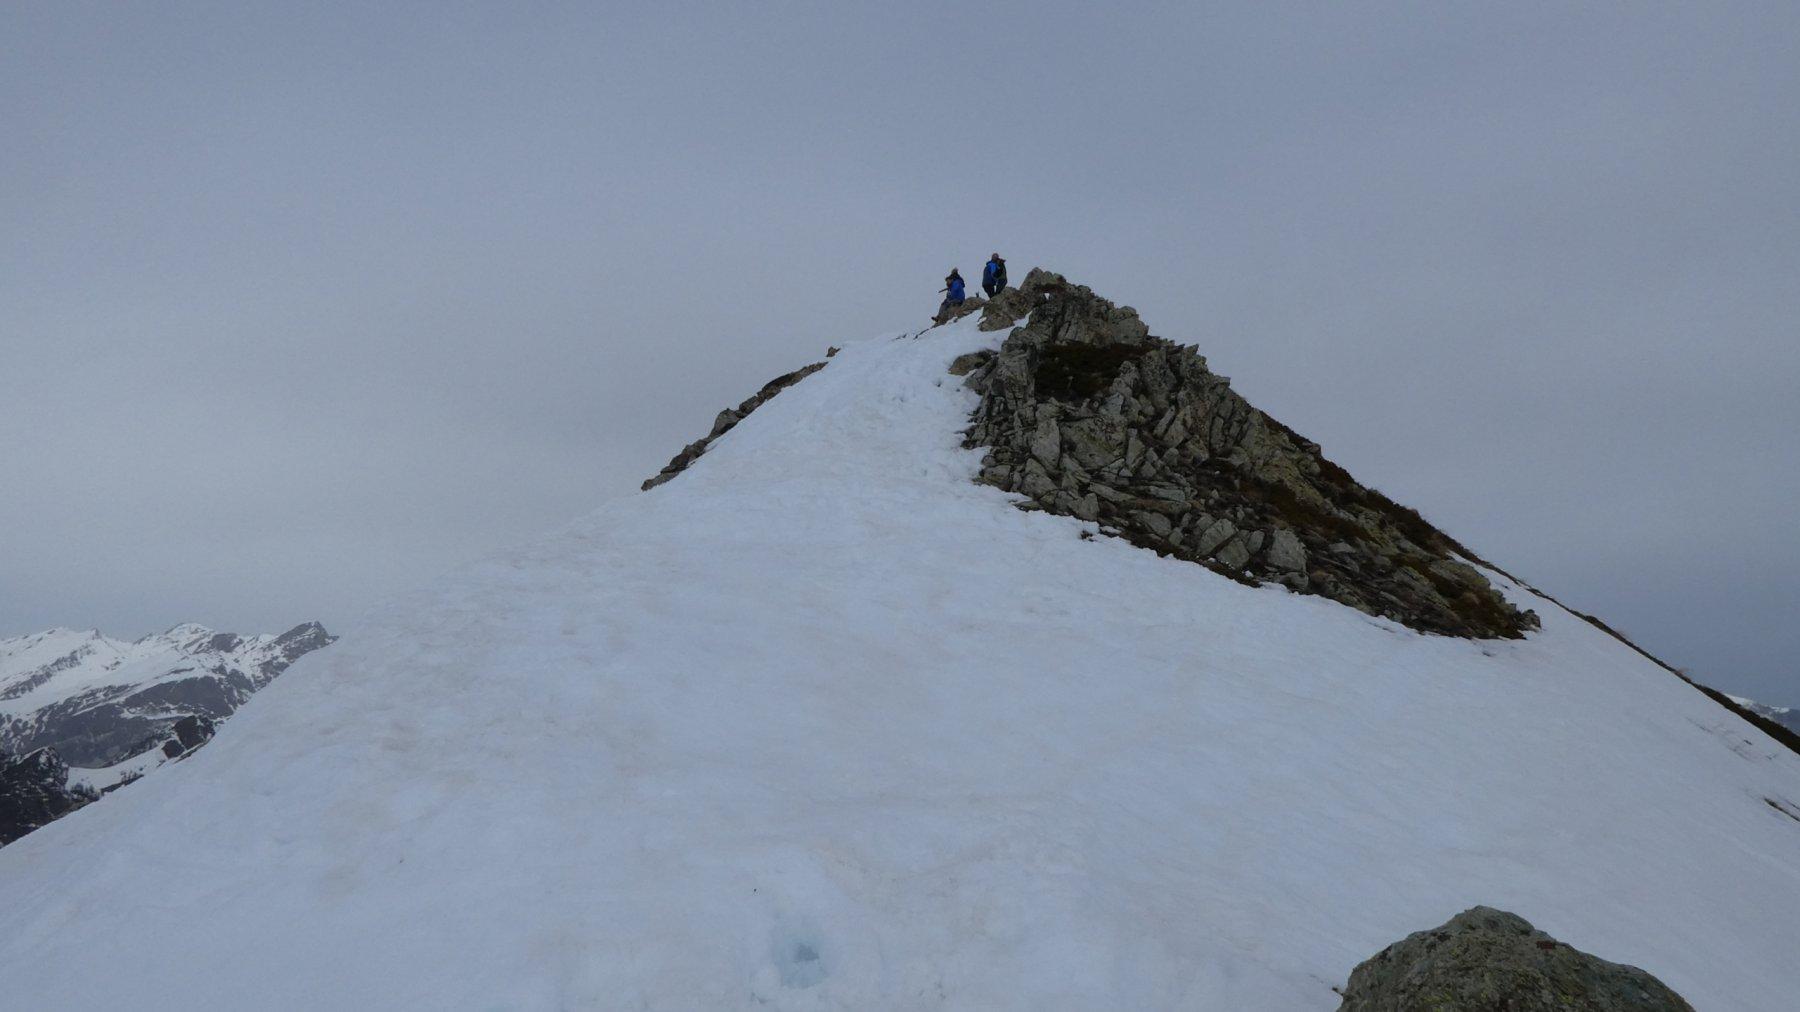 ultimo tratto di facile cresta per raggiungere la cima